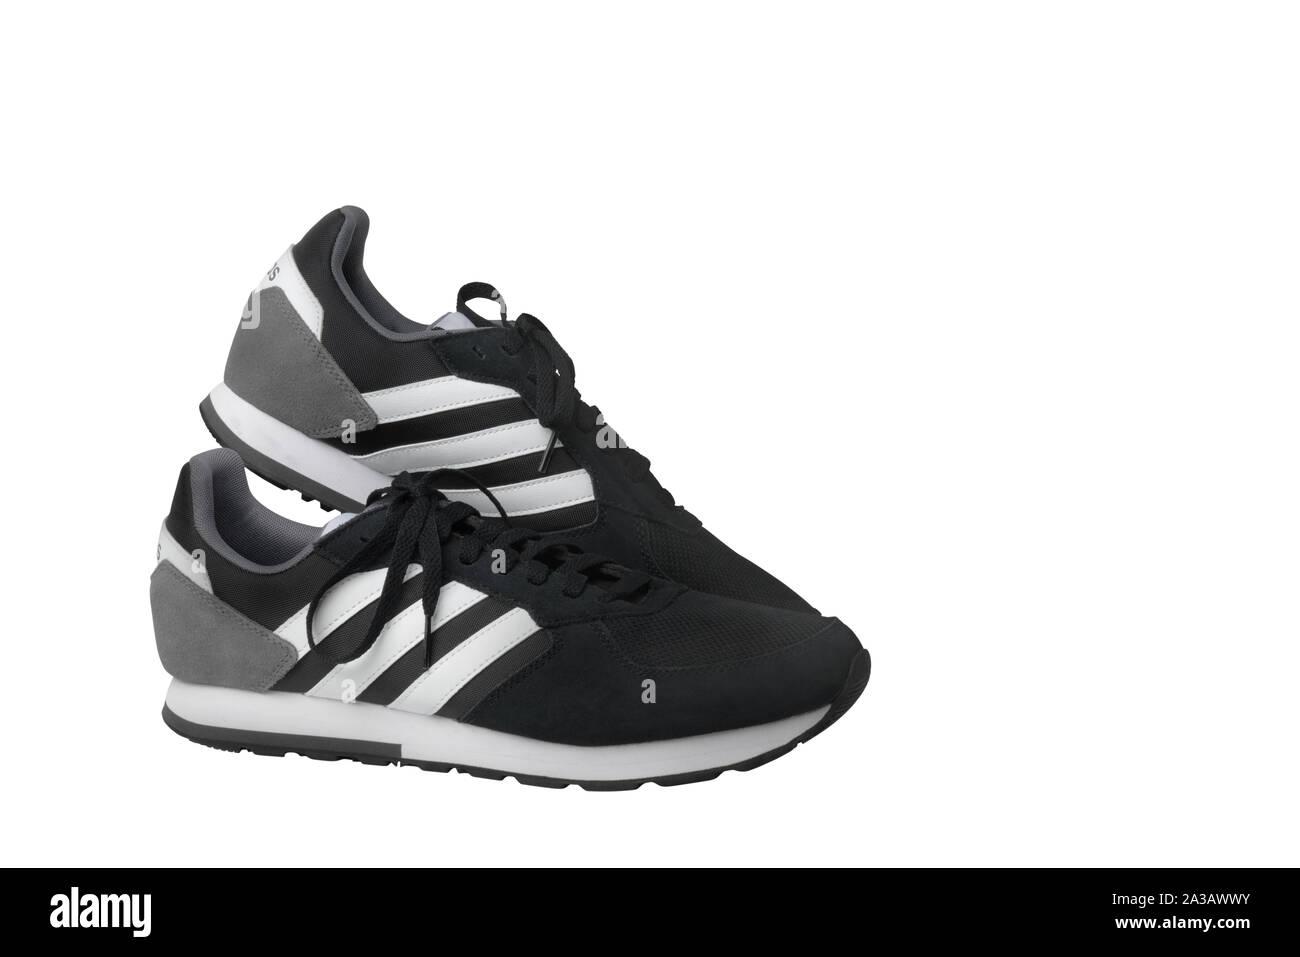 Adidas White Sneakers Immagini & Adidas White Sneakers Fotos